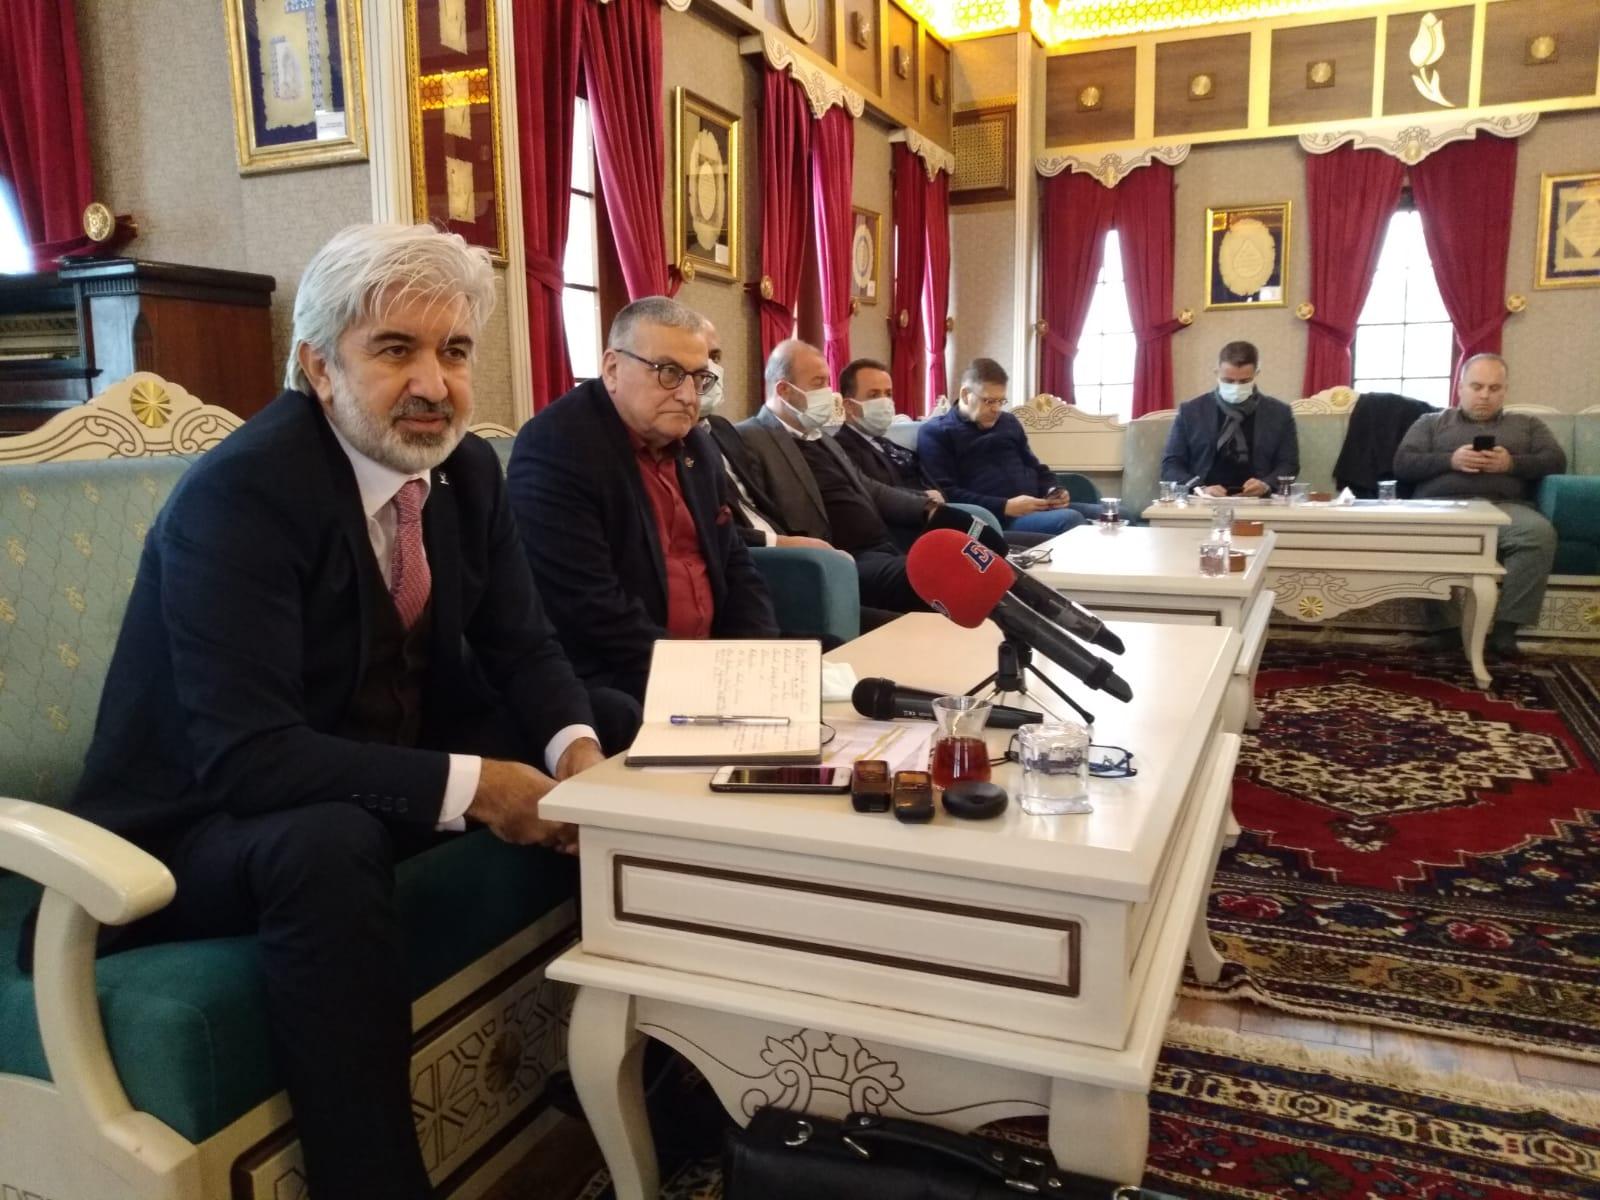 AK Parti Manisa İl Başkanı Salih Hızlı, İrfan Meclisi'nde gazetecilerle bir araya geldi.